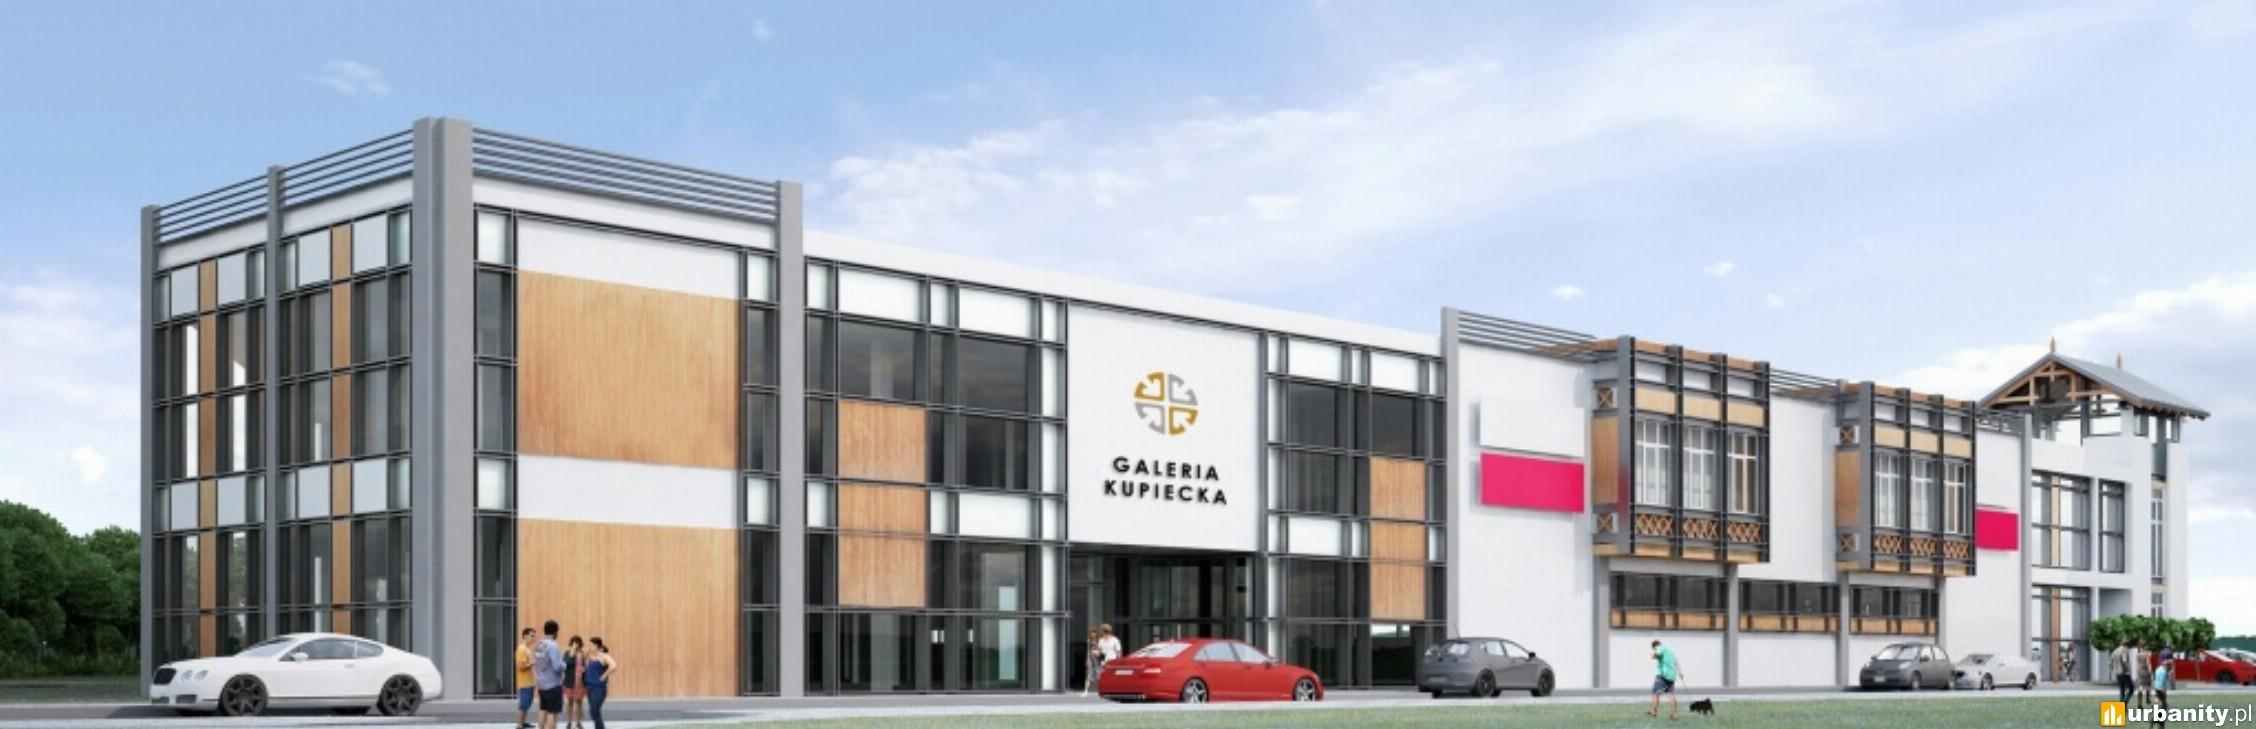 Jesienią 2019 roku otwarcie Galerii Kupieckiej w Otwocku